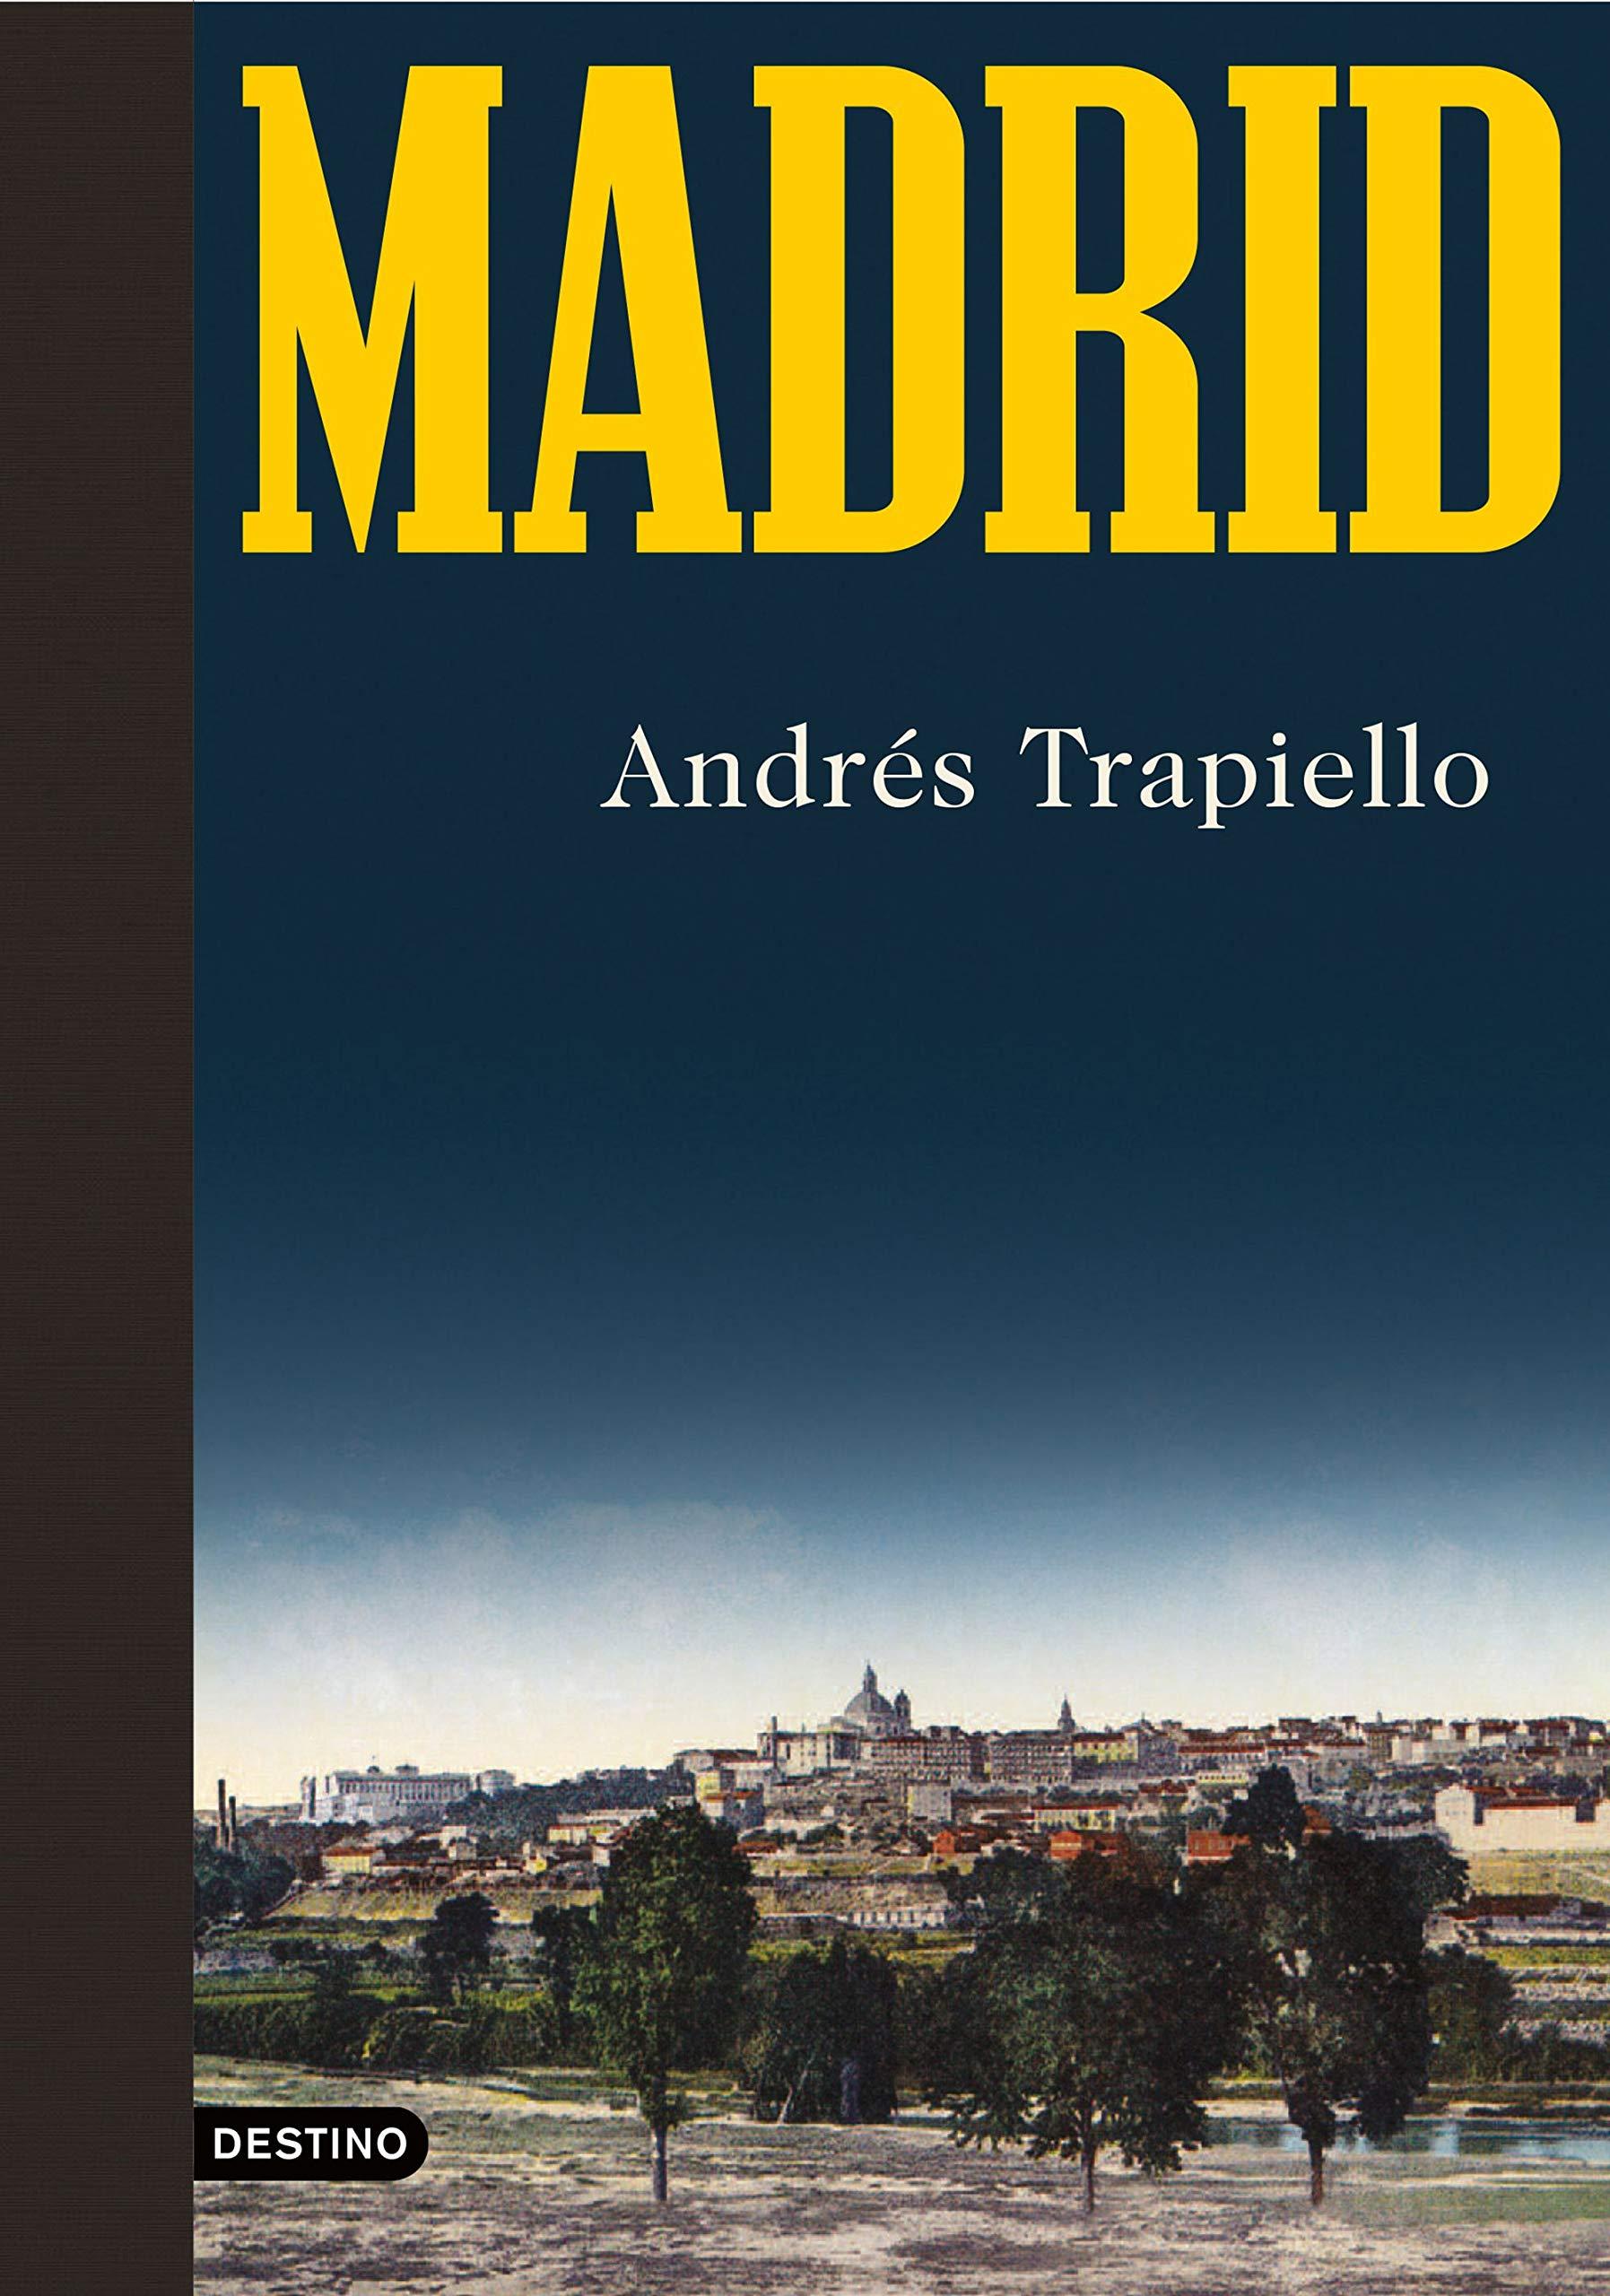 Madrid, de Andrés Trapiello - Libros sobre Madrid